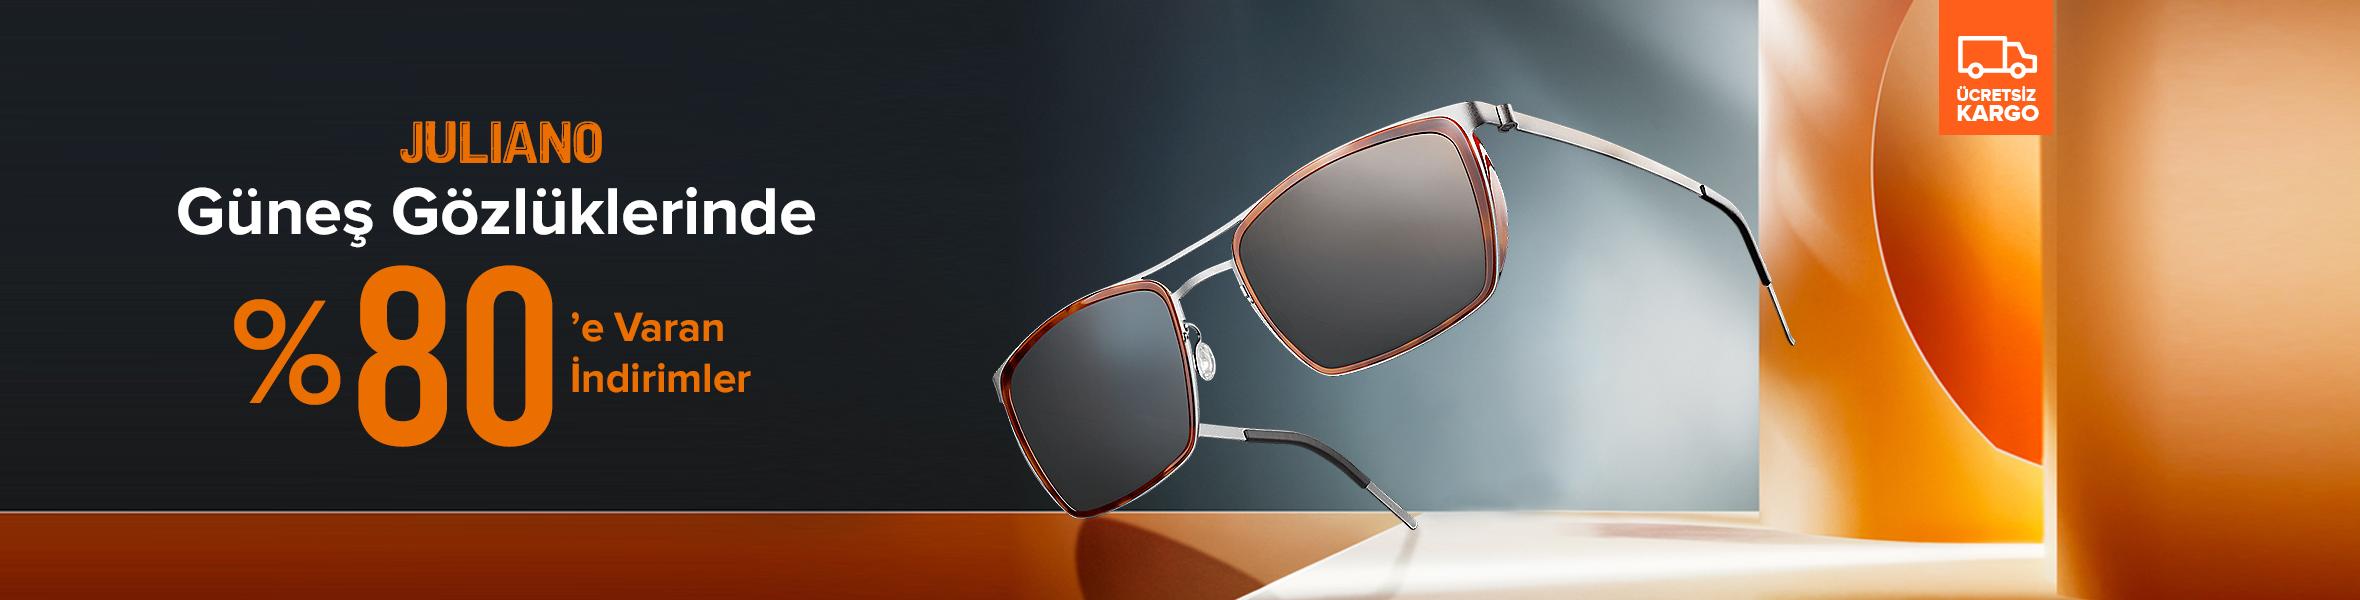 JULIANO Güneş Gözlüklerinde İndirim Fırsatı !